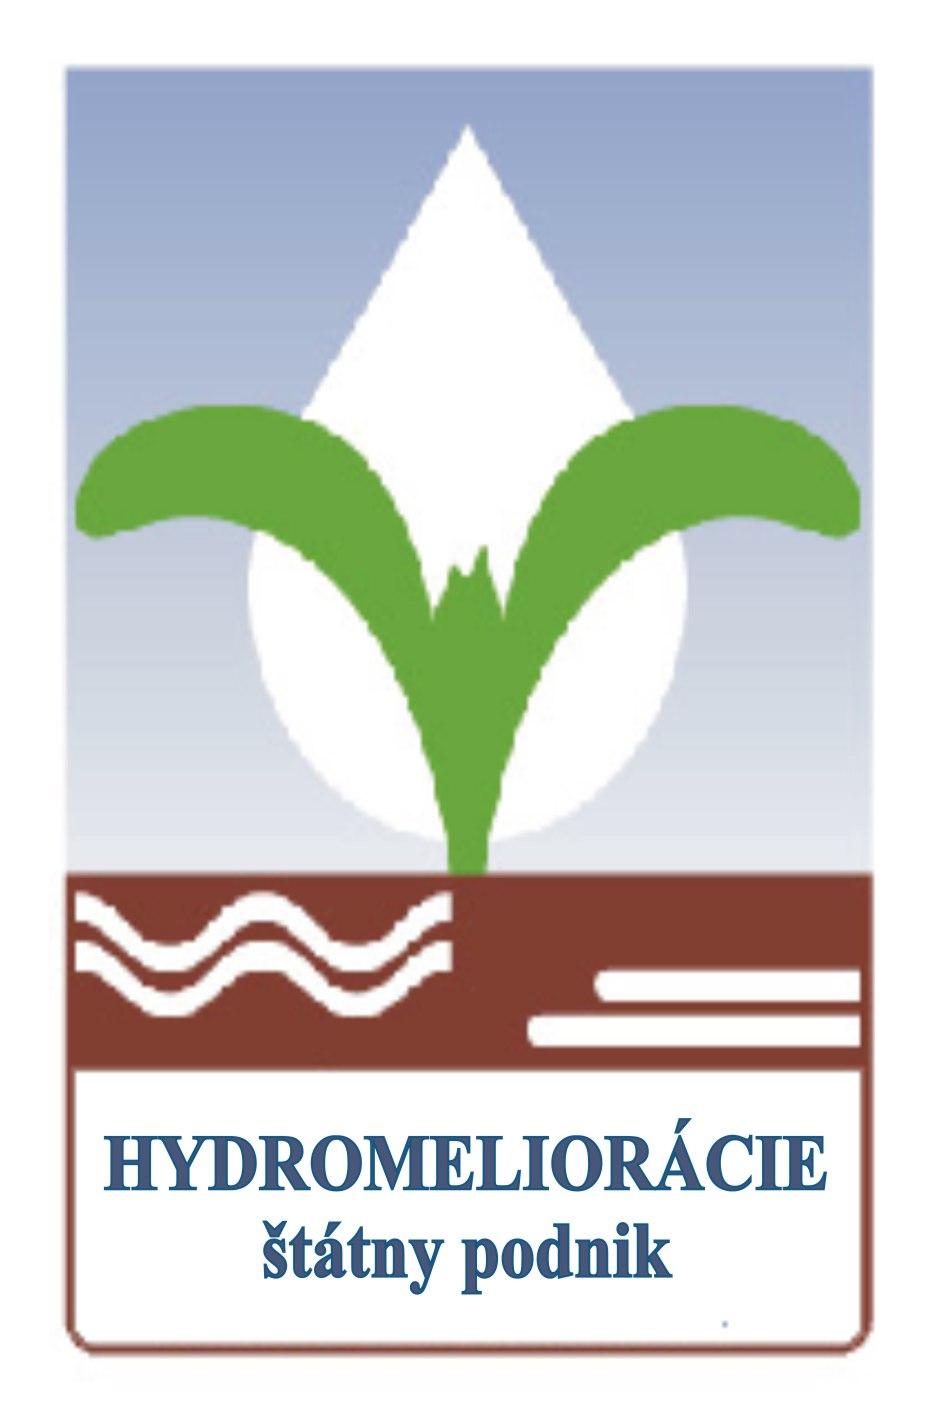 Hydromeliorácie, štátny podnik